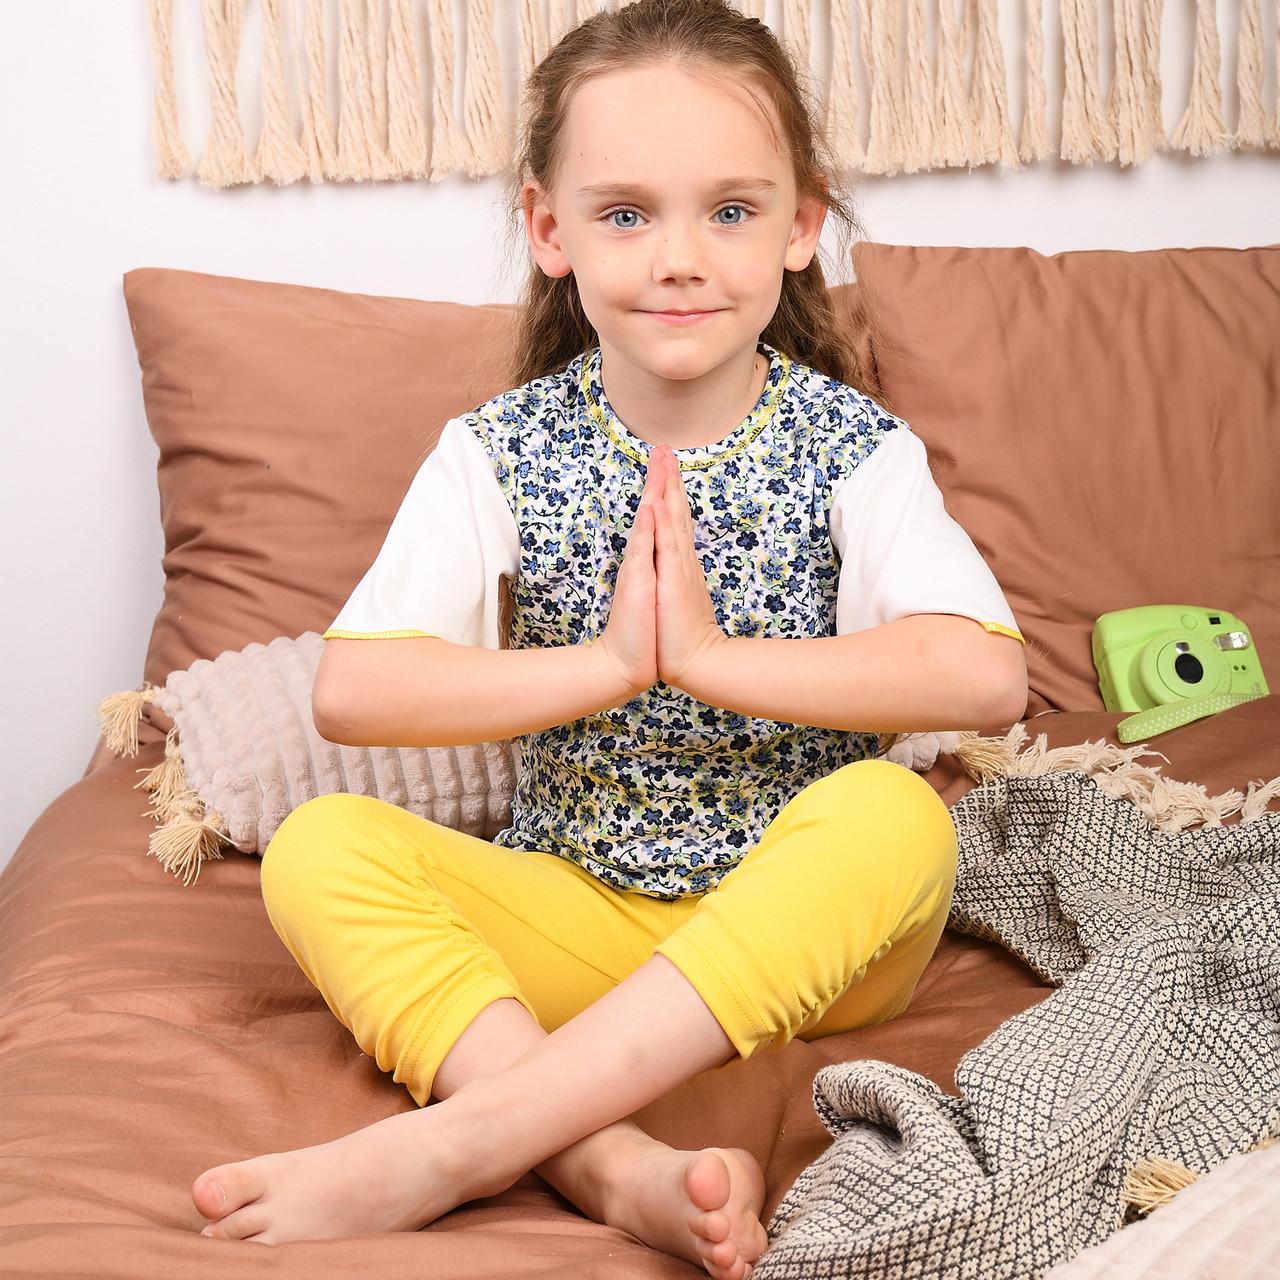 Детская пижама для девочки (Футболка + бриджи) | Дитяча піжама для дівчинки